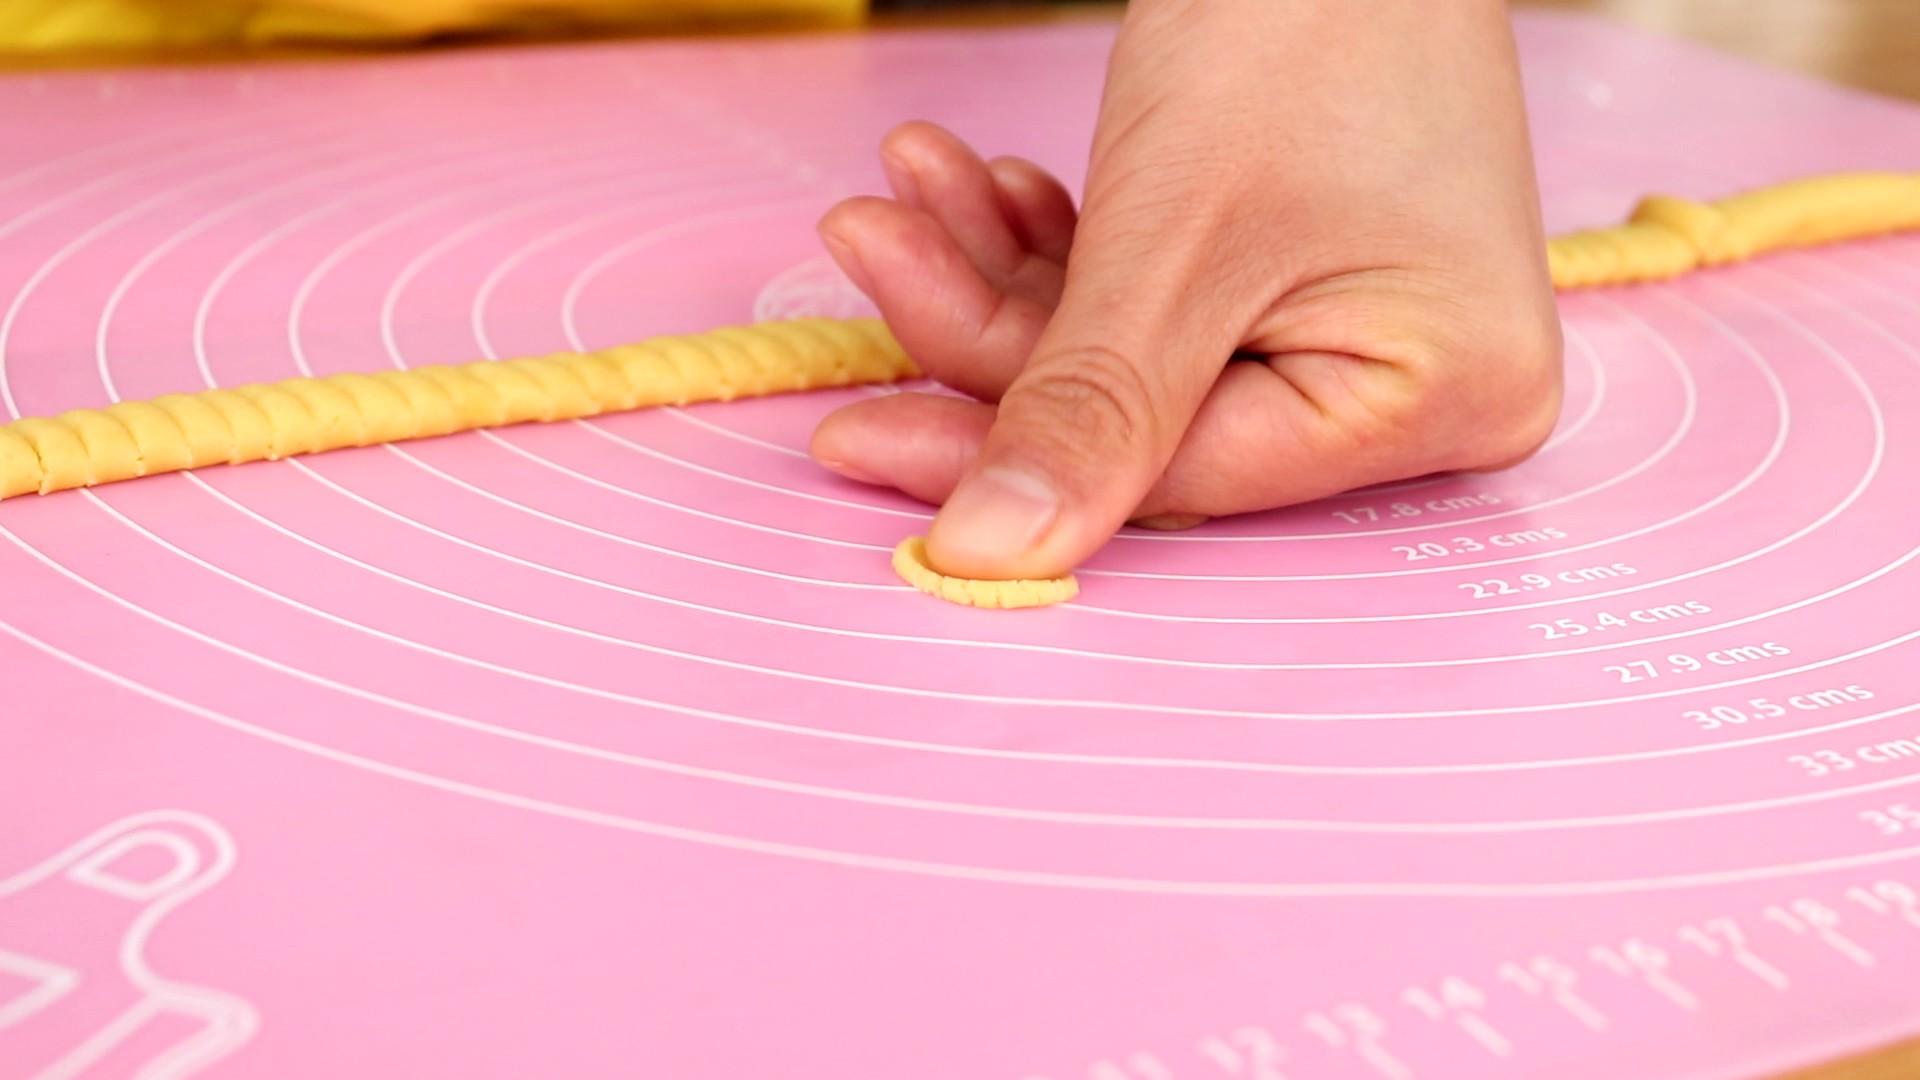 玉米脆片,用大拇指轻轻的压扁</p> <p>tips:压扁的形状大概是一角硬币的大小,这样易熟,还不易糊